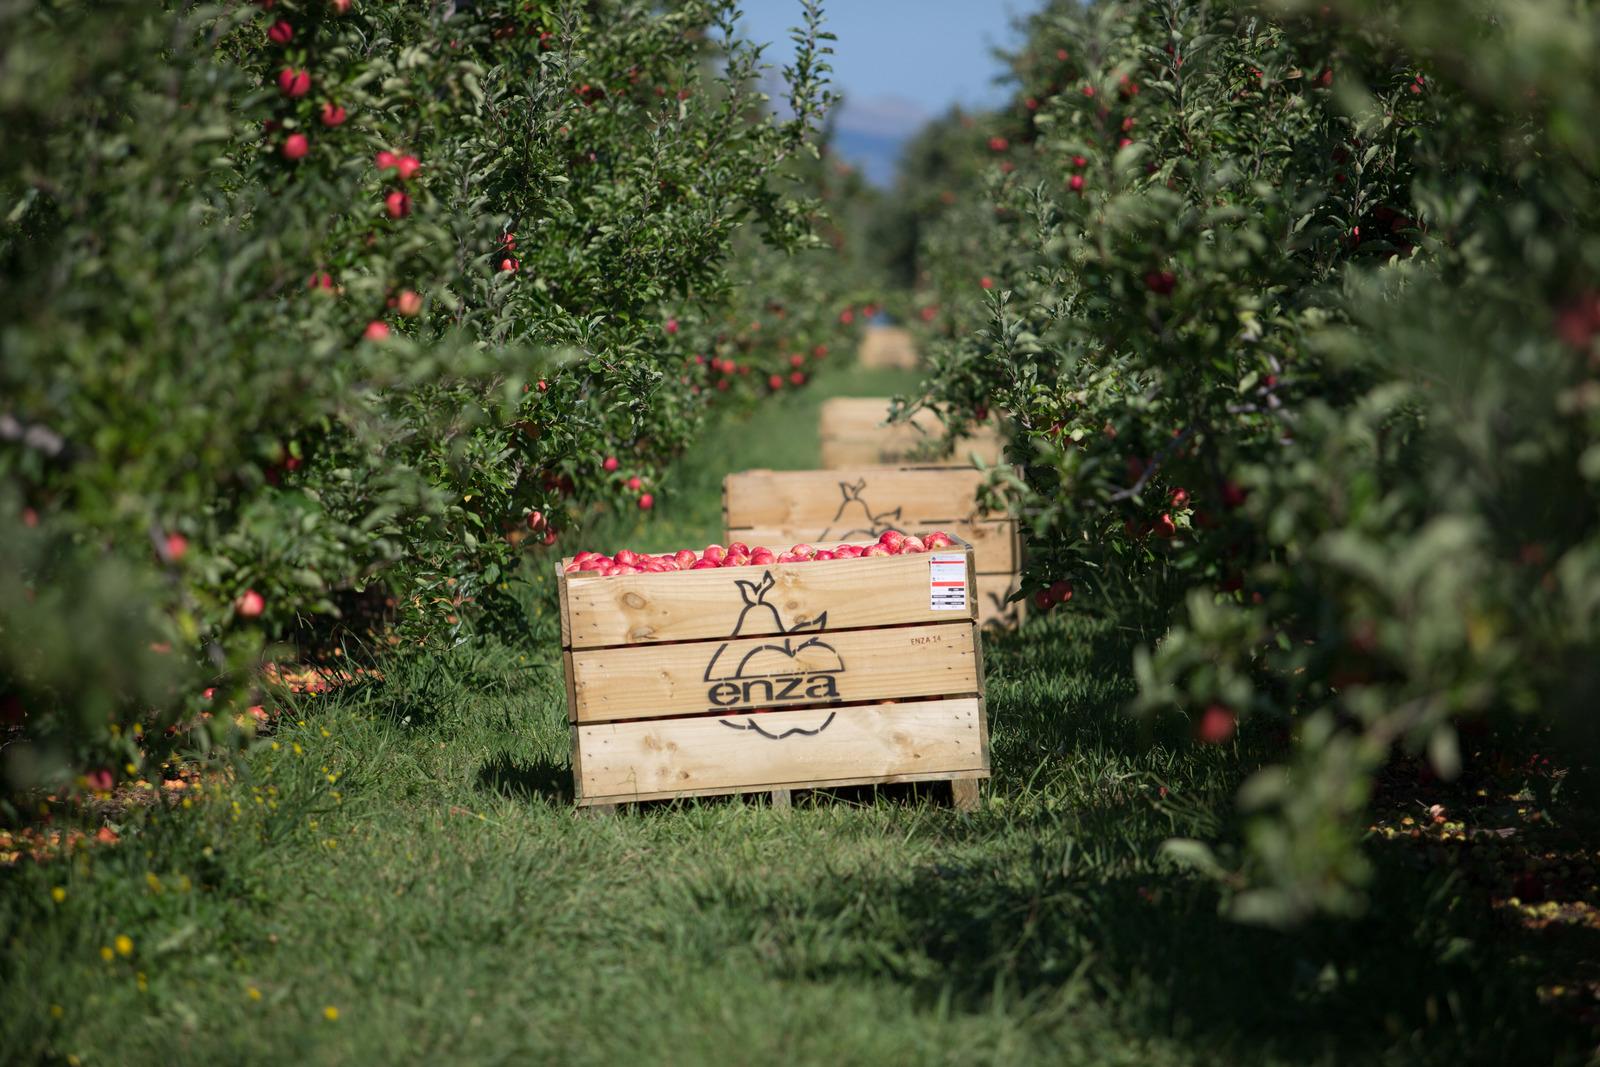 BayWa Bilanz 2012: Wachstumskurs trägt Früchte